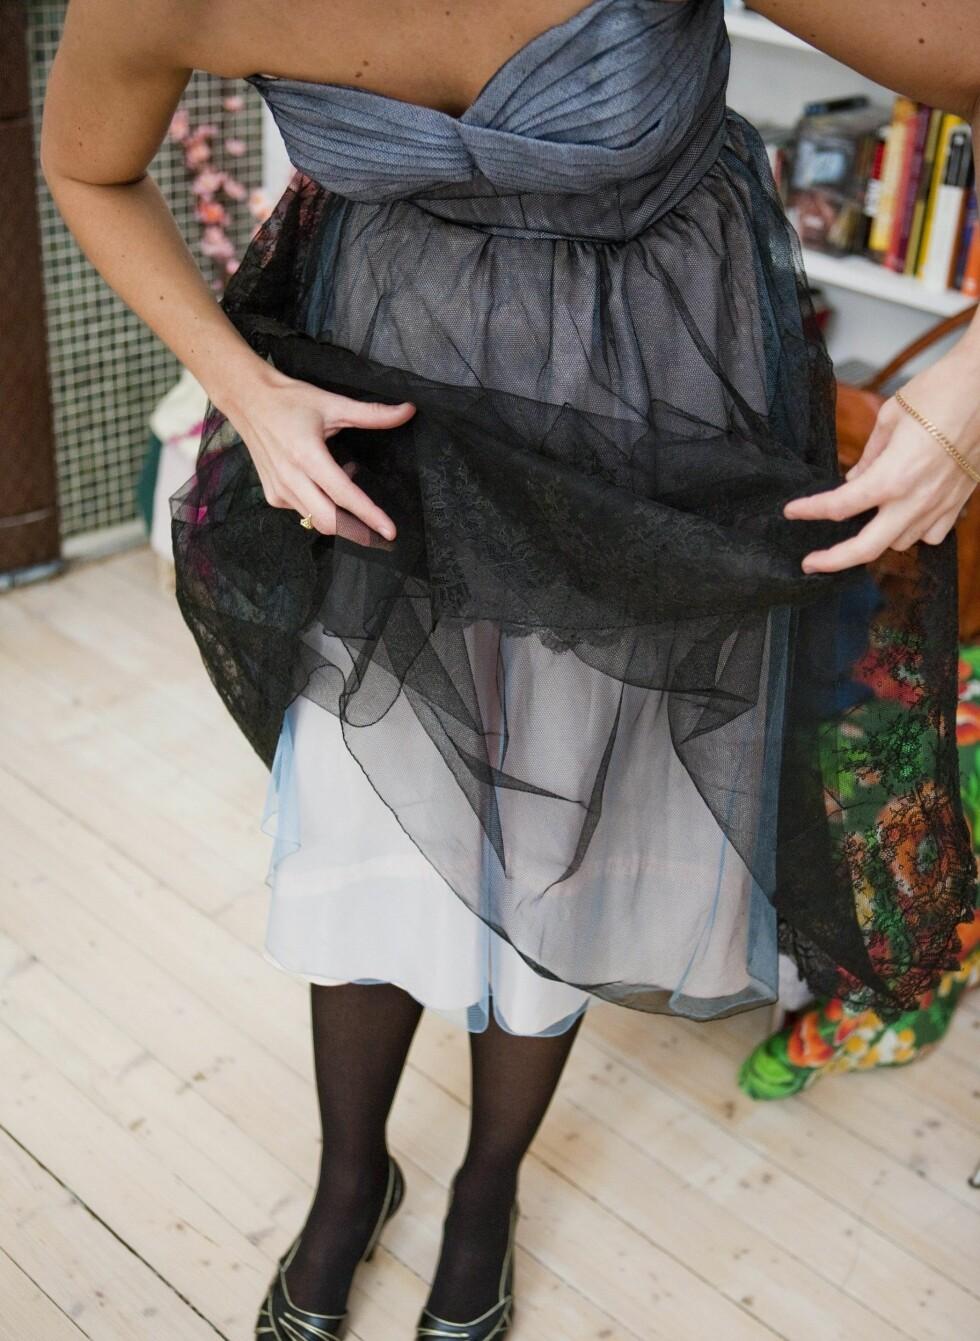 Kjolen har en rekke flortynne lag i ulike farger, som sammen gir spill i stoffet. Foto: Per Ervland